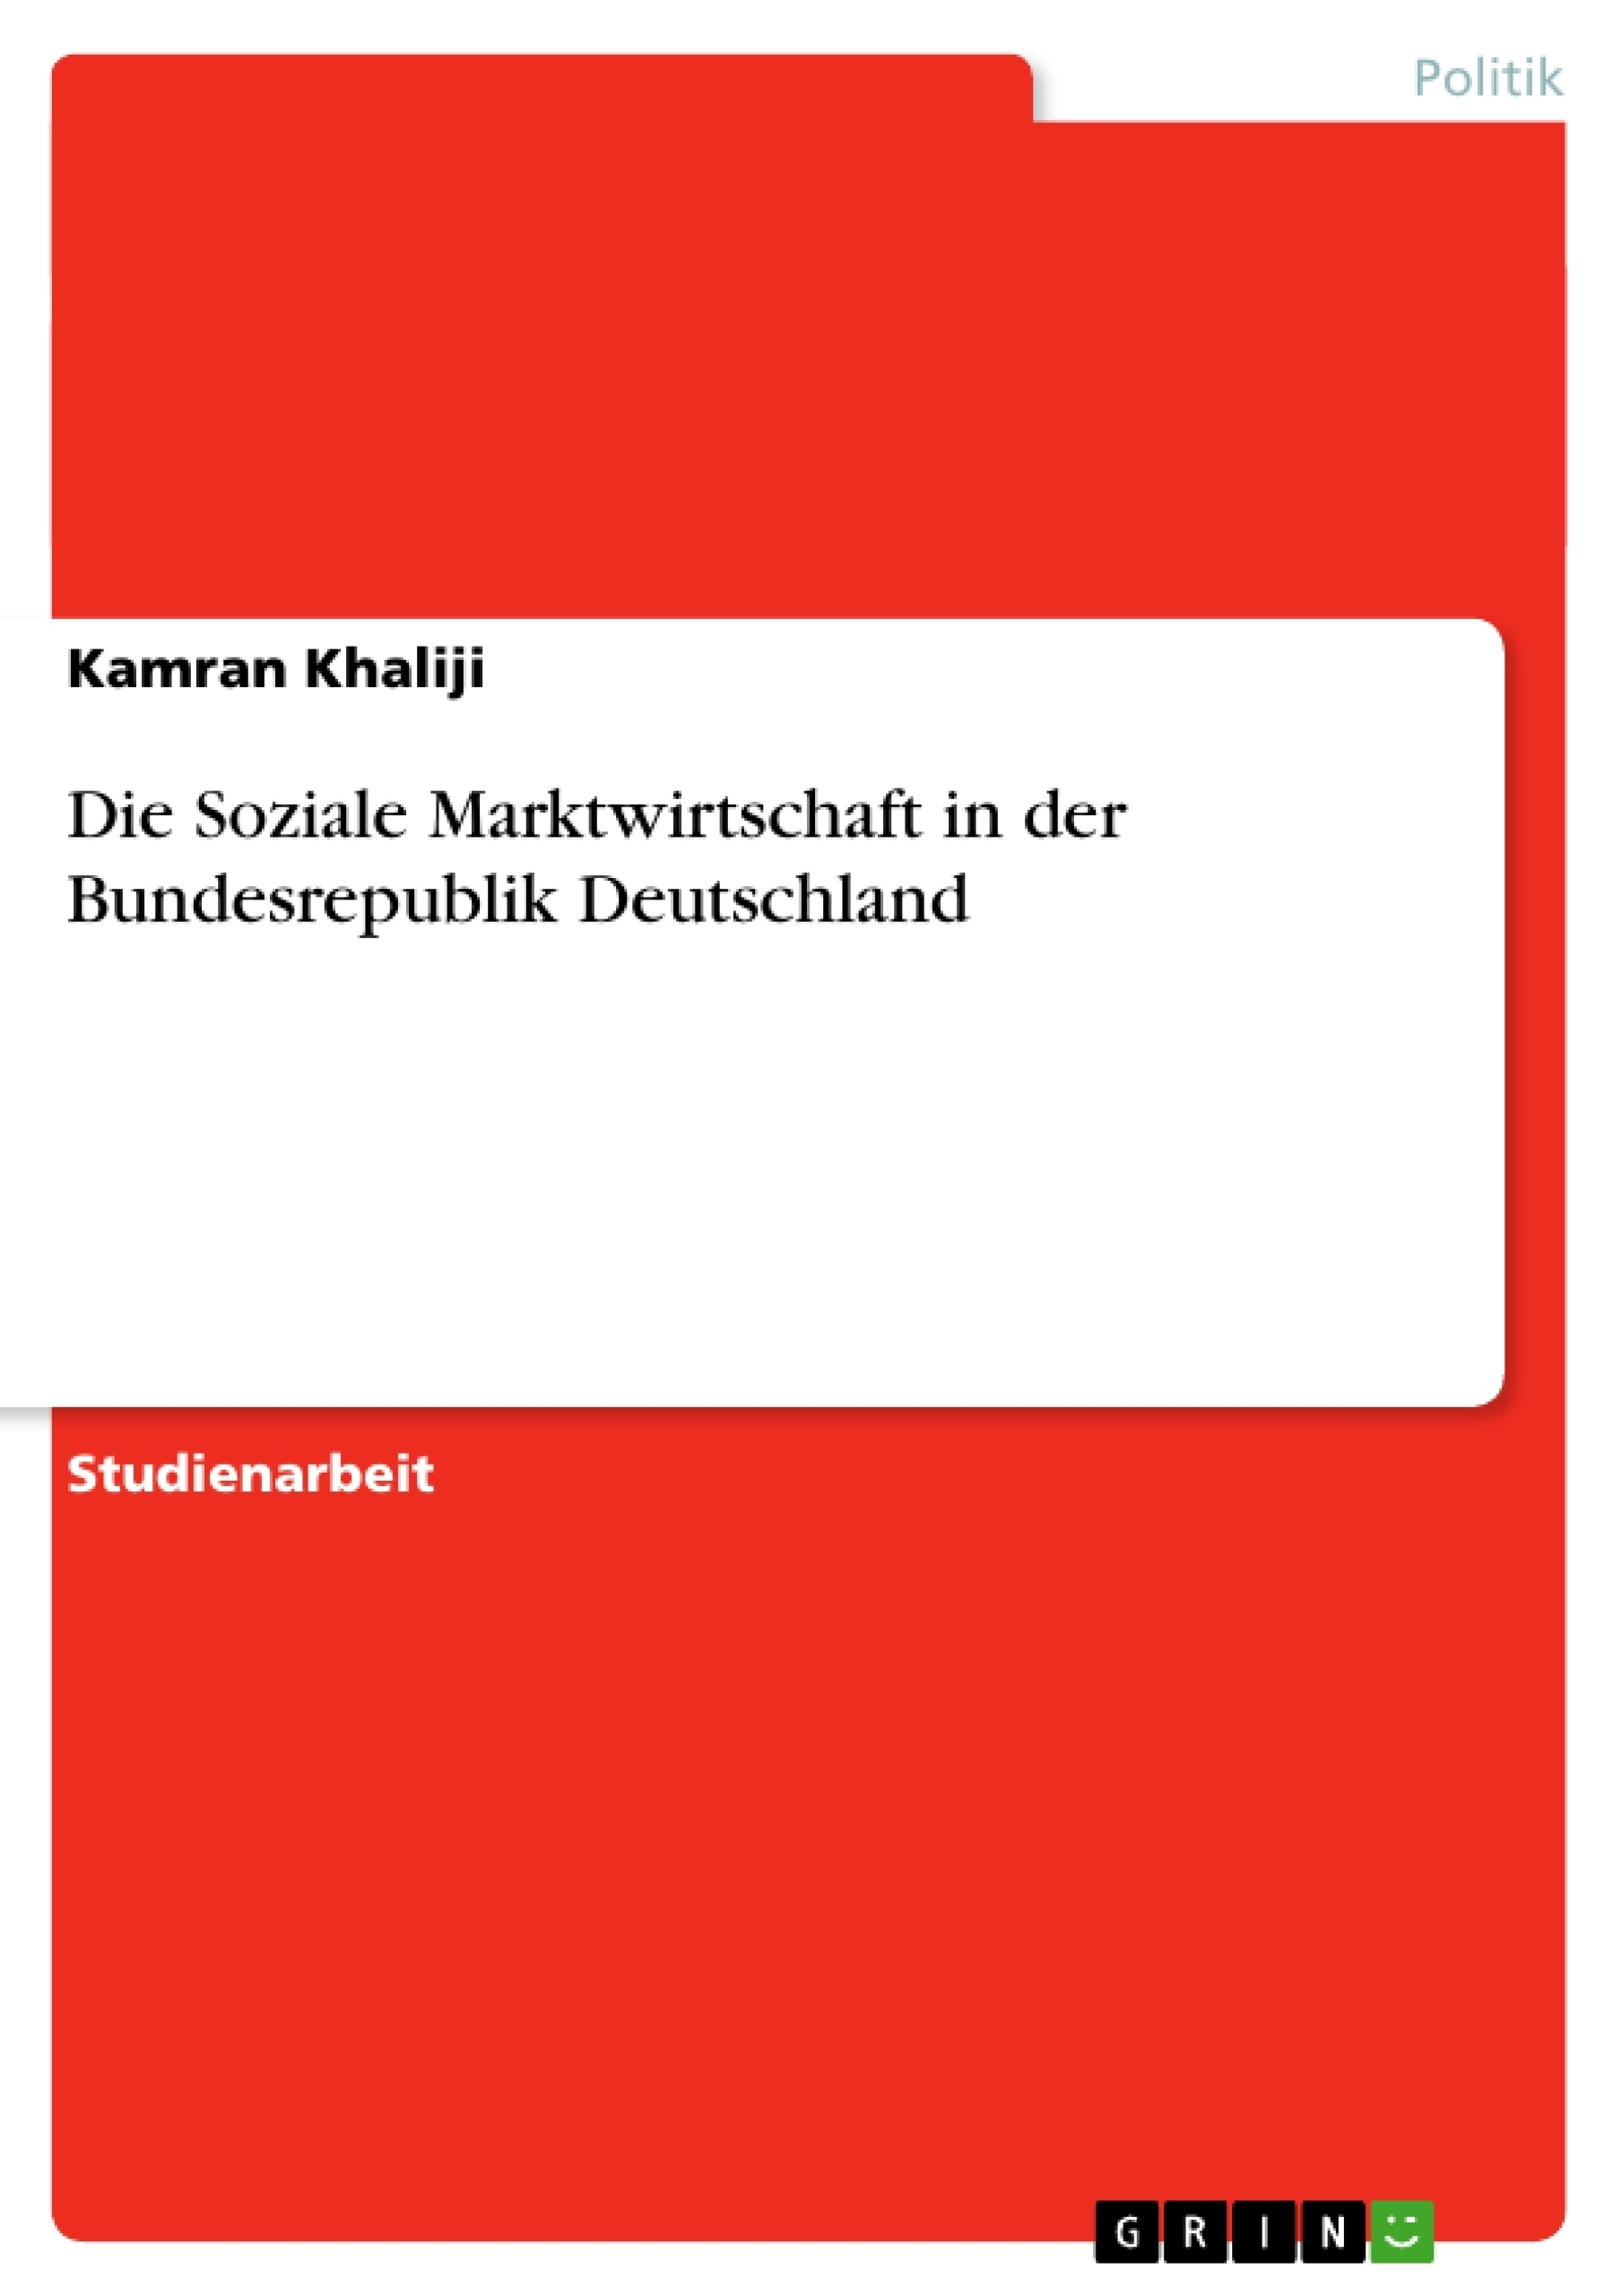 Titel: Die Soziale Marktwirtschaft in der Bundesrepublik Deutschland